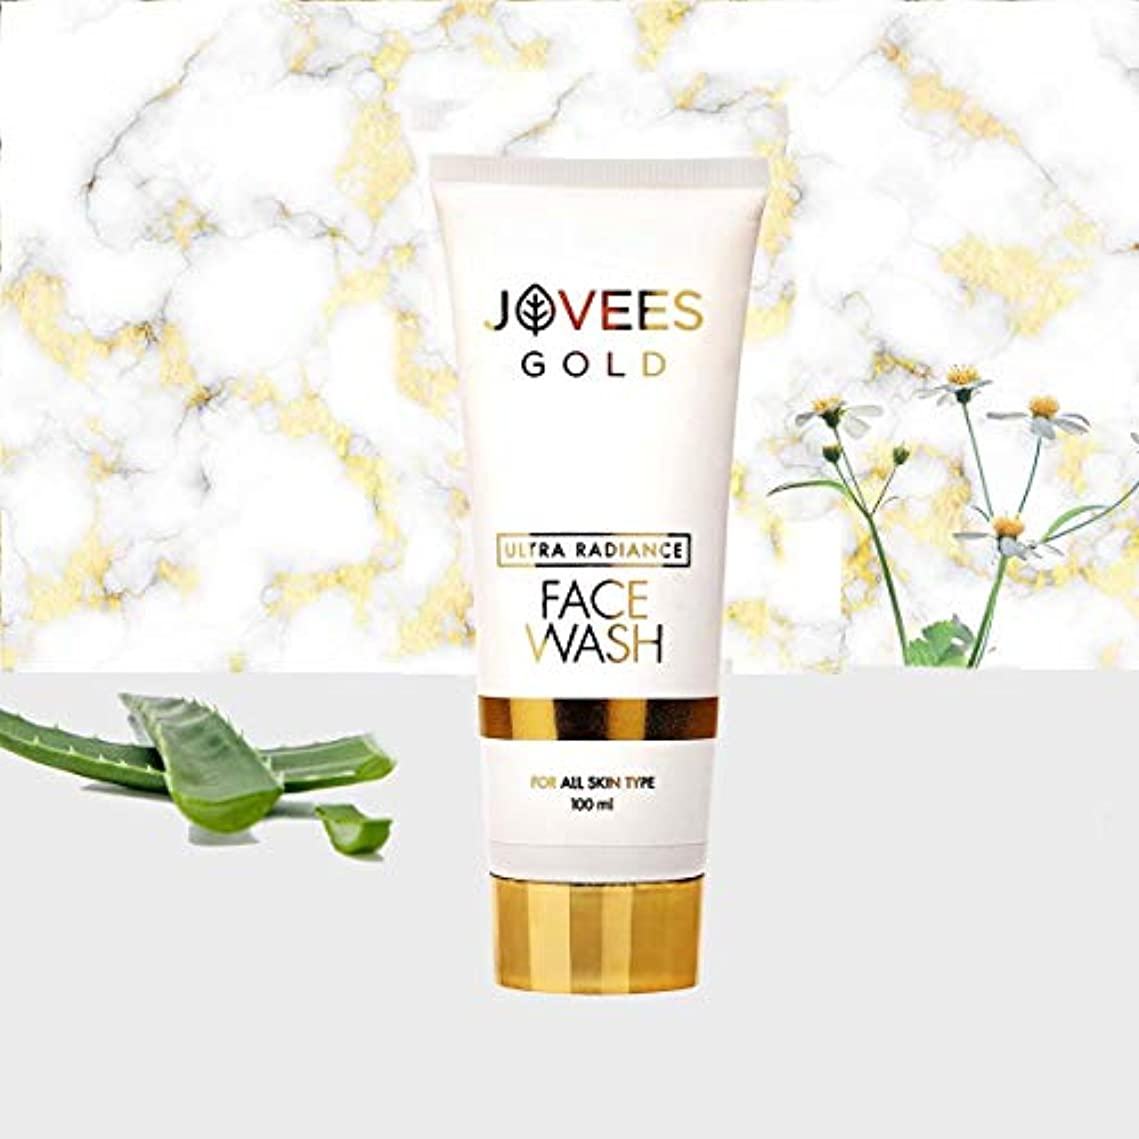 リクルートあなたは巻き戻すJovees Ultra Radiance 24K Gold Face Wash 100ml to help bring glow and radiance 輝きと輝きをもたらすのを助けるためにJovees Ultra...